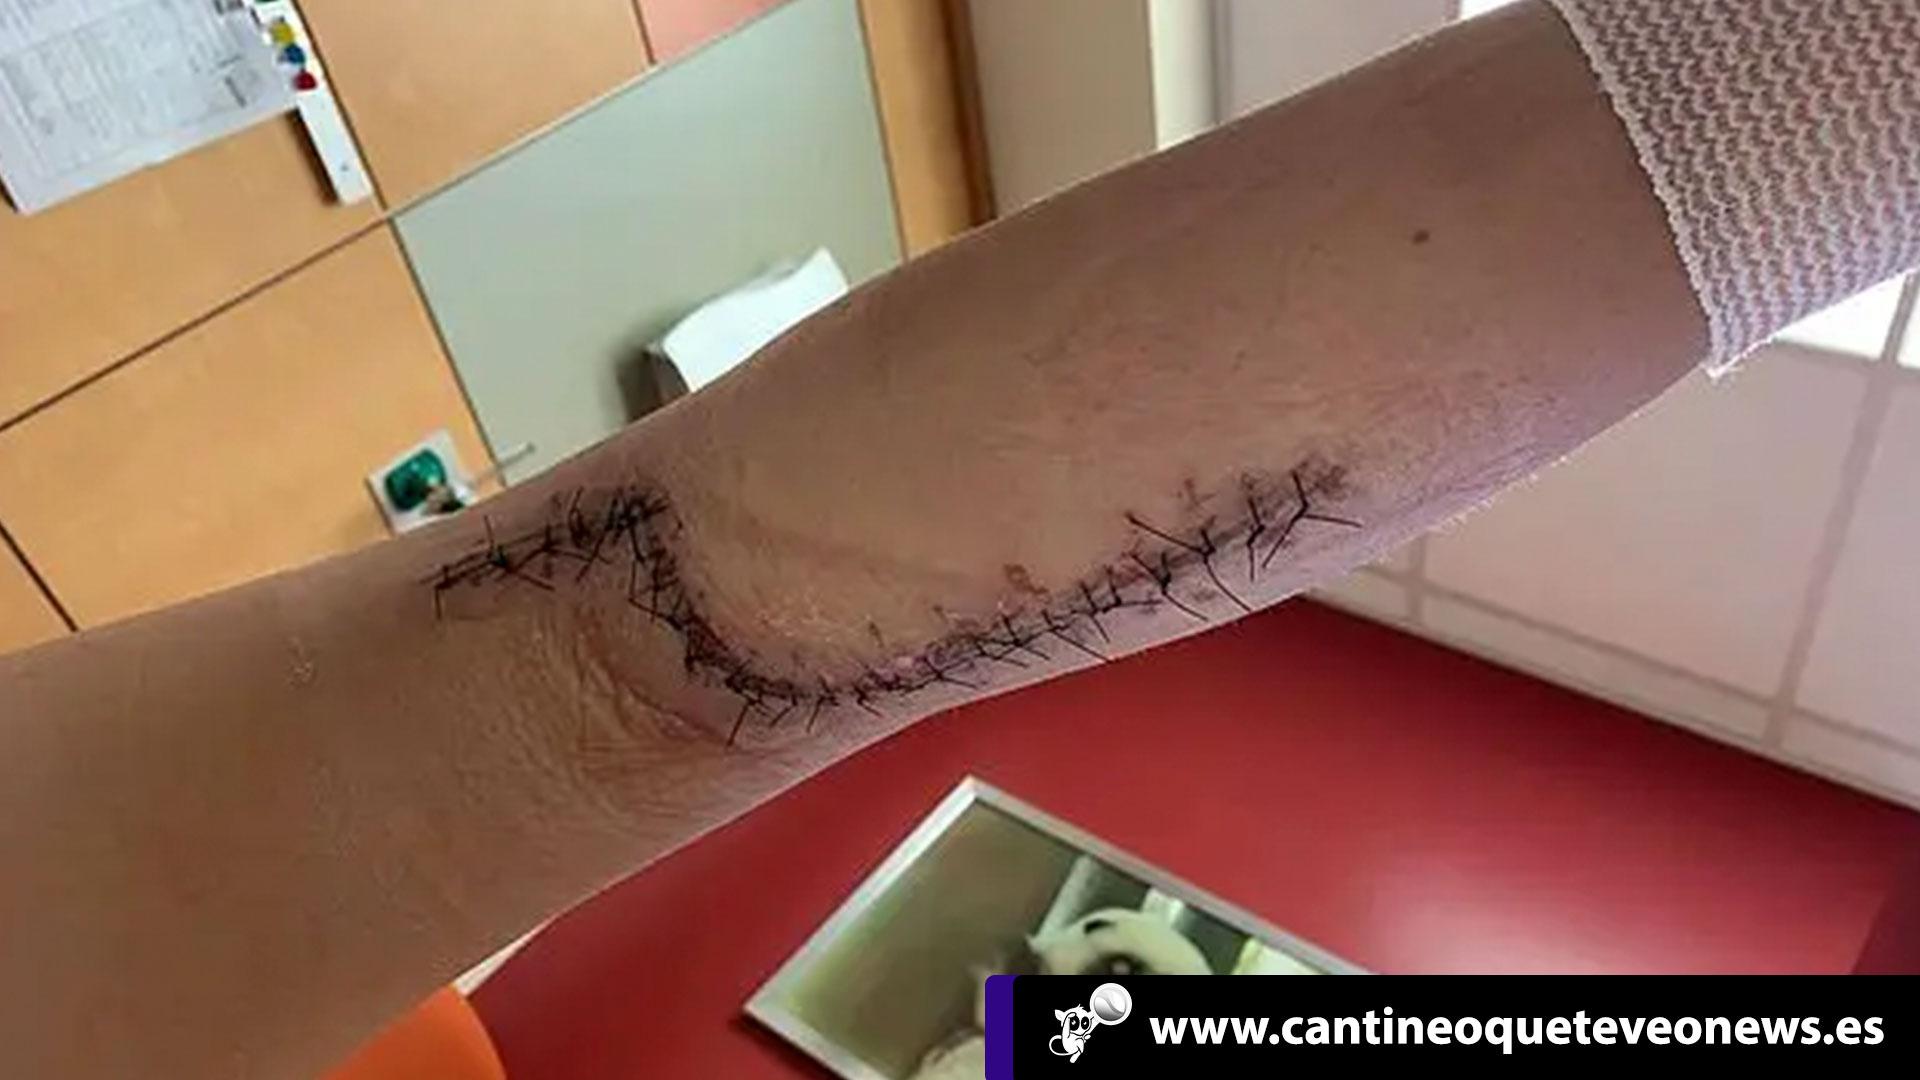 Cantineoqueteveo News - Niña infectada por bacteria